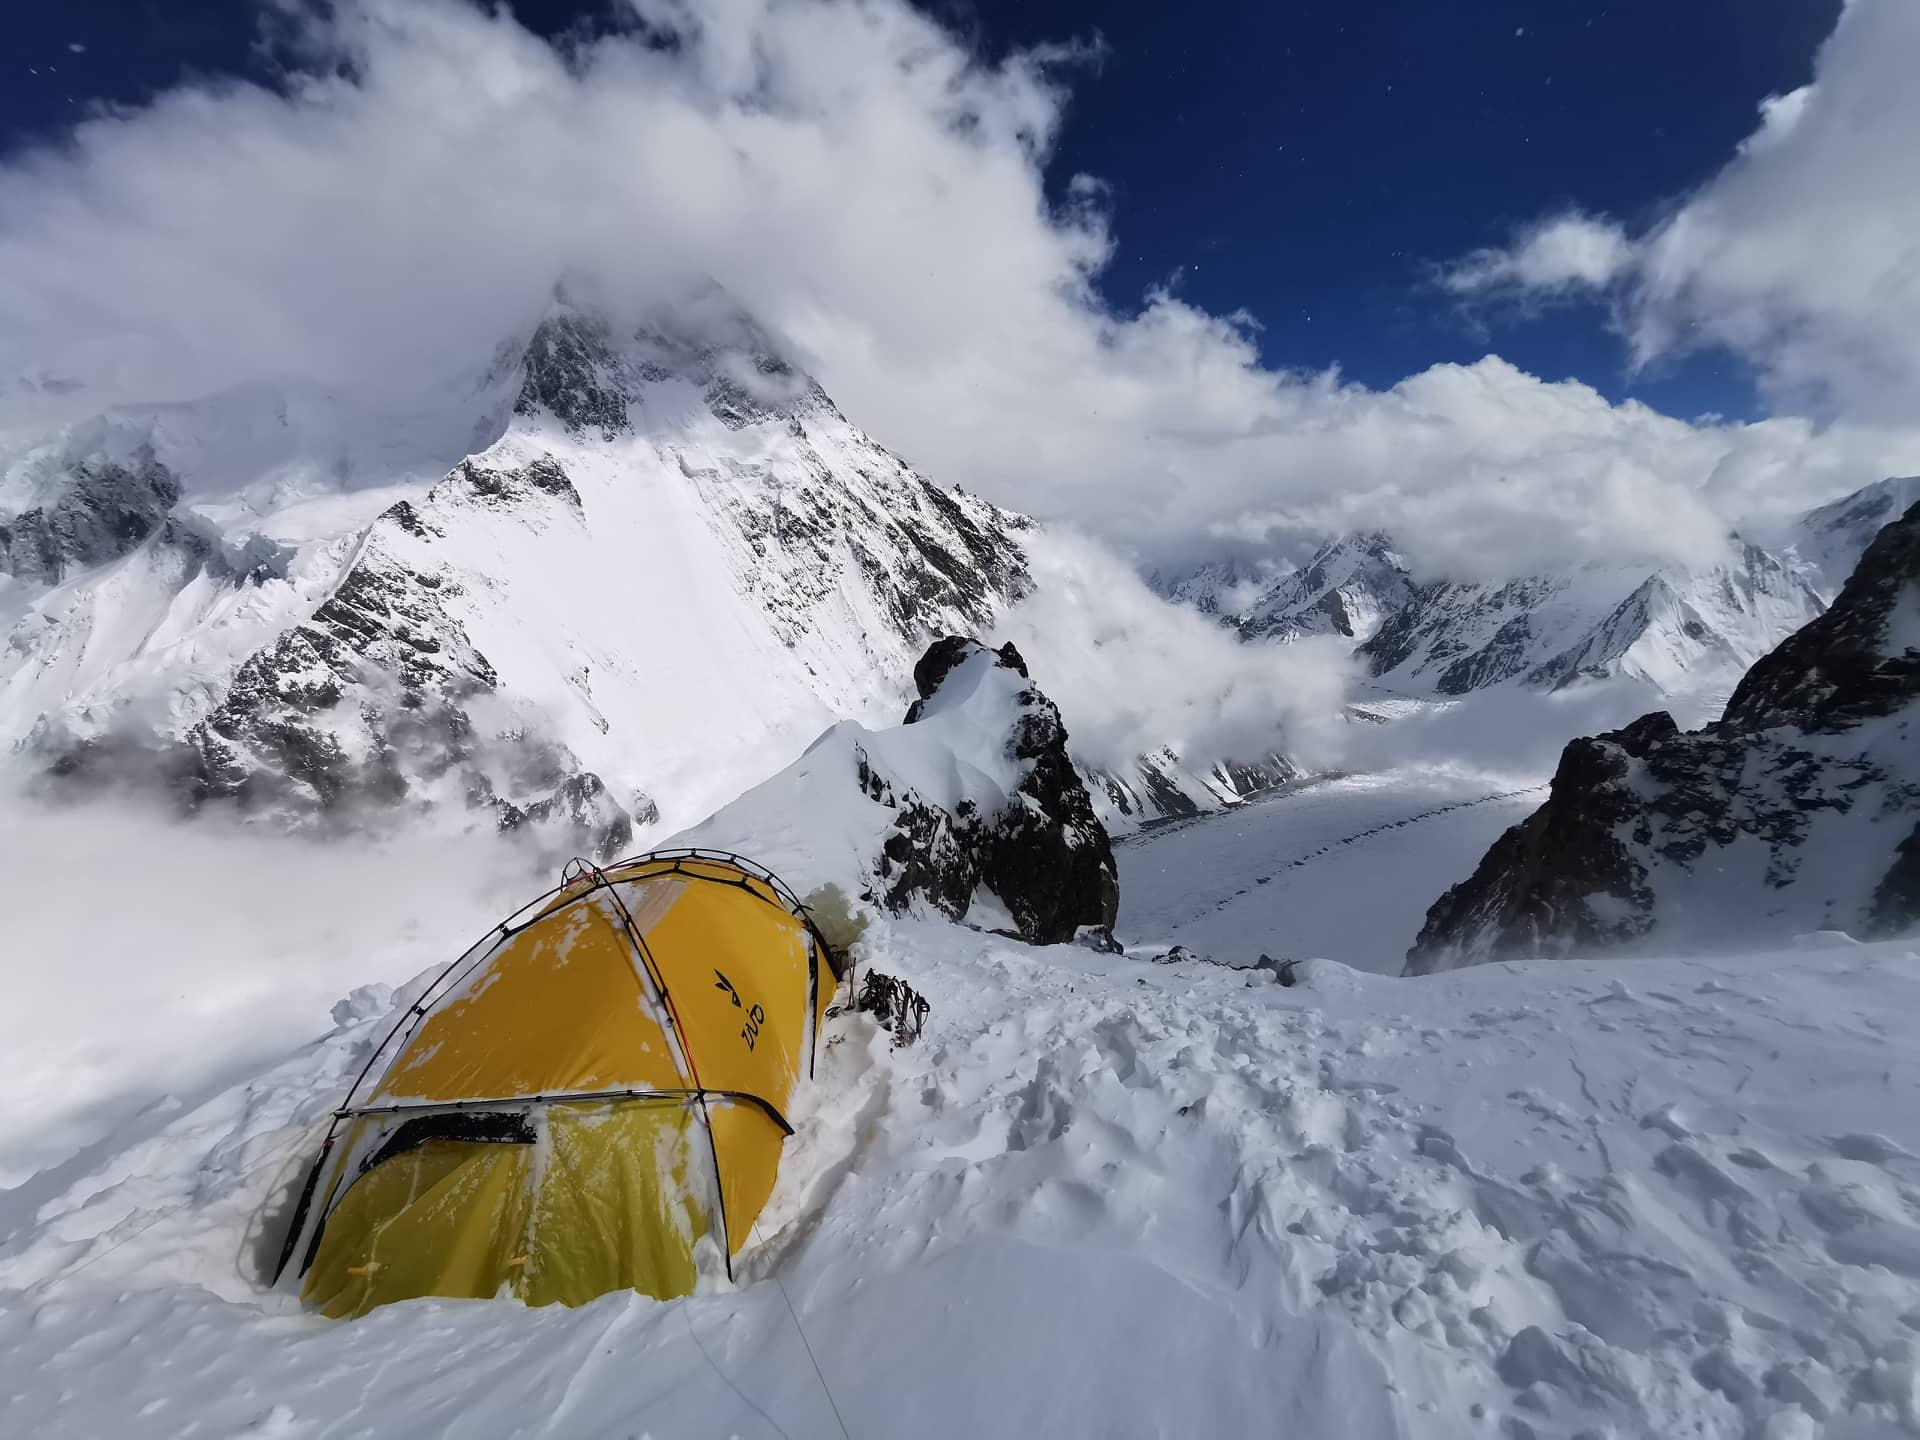 Szilárdék sátra, a háttérben a Broad Peak